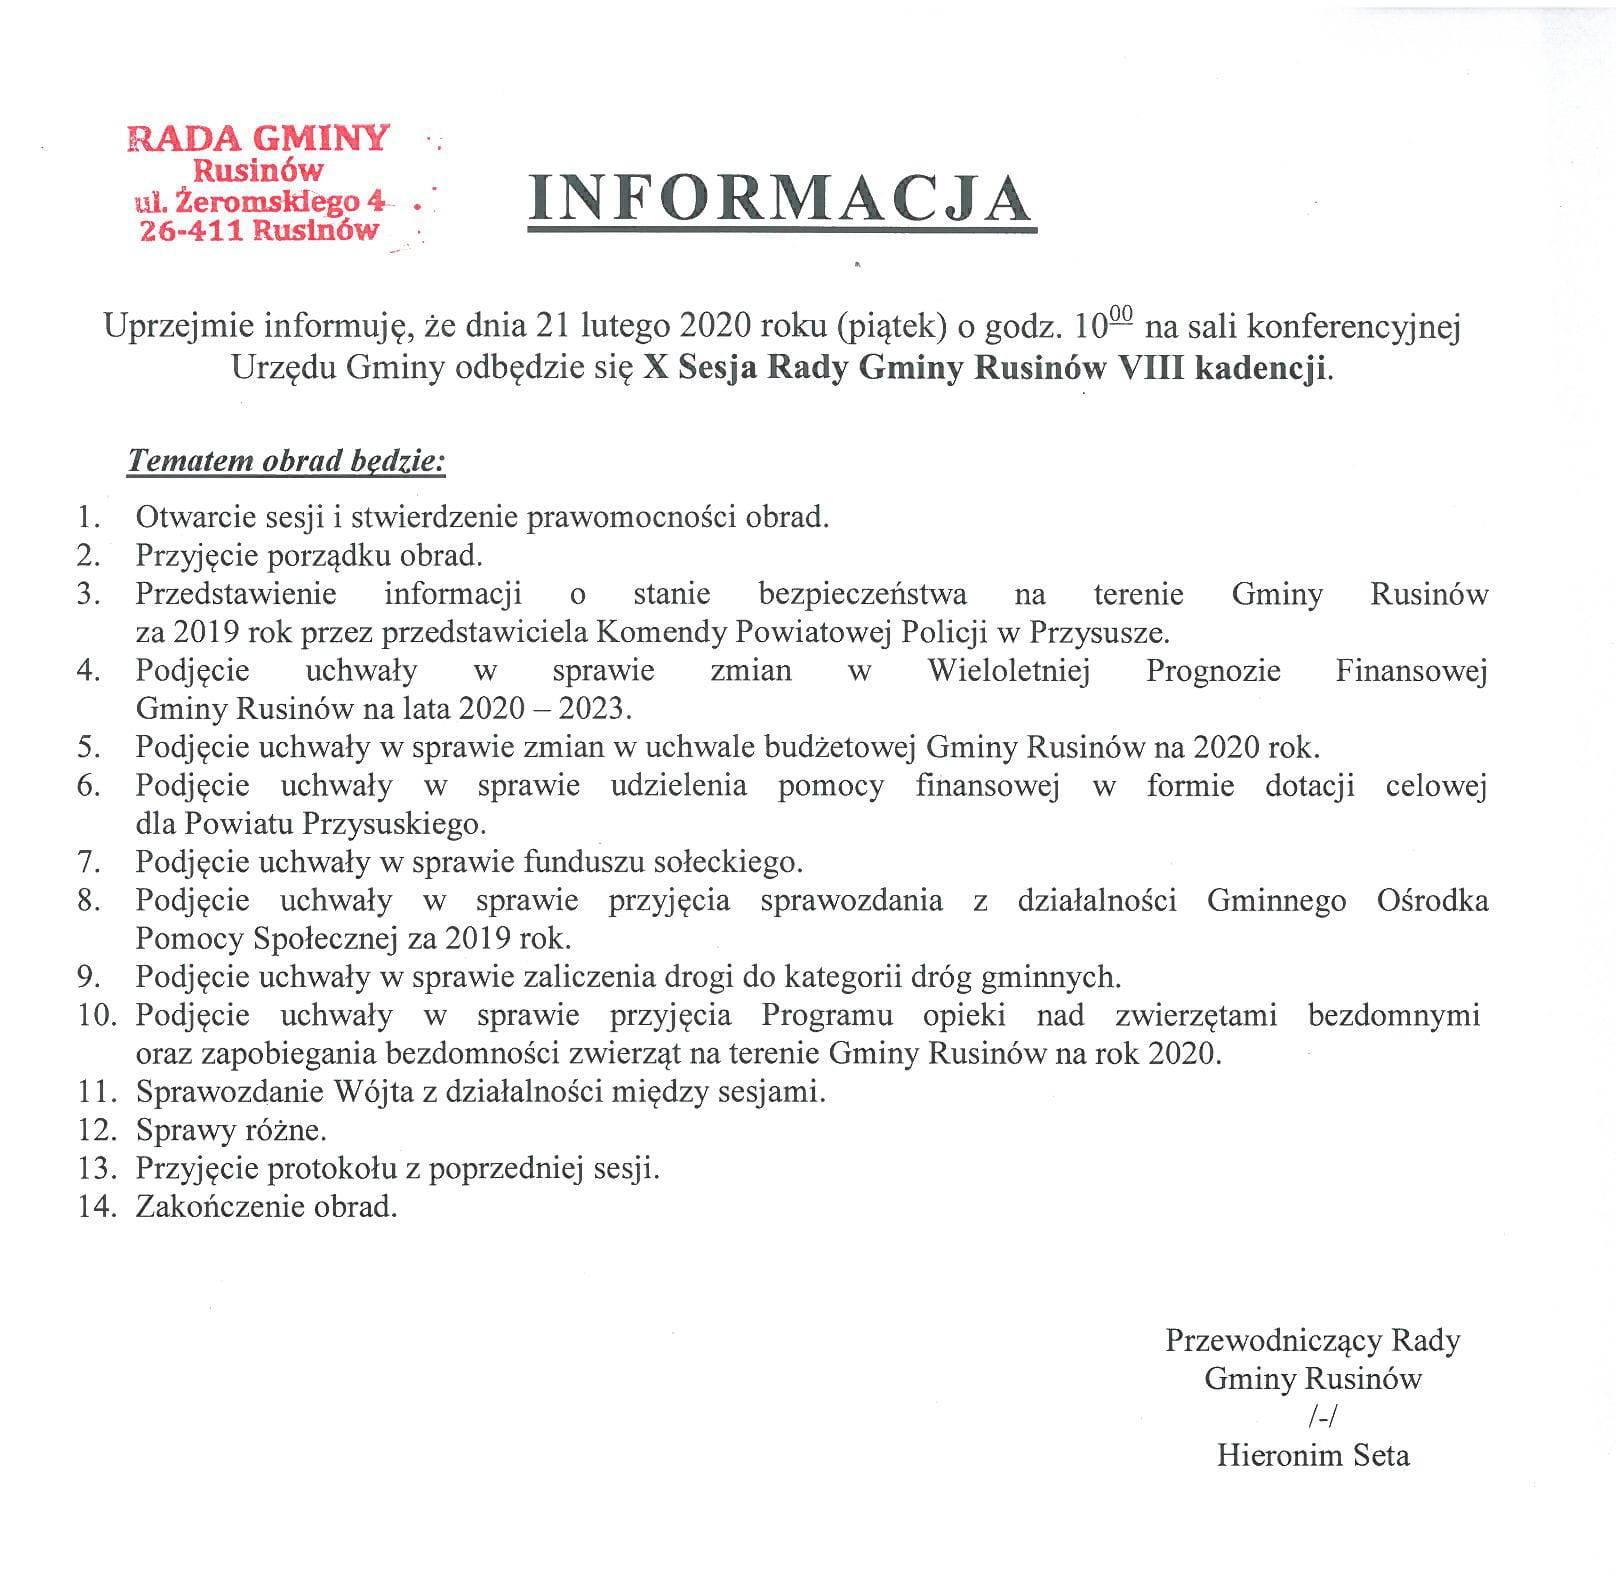 Informacja o X sesji Rady Gminy Rusinów VIII kadencji